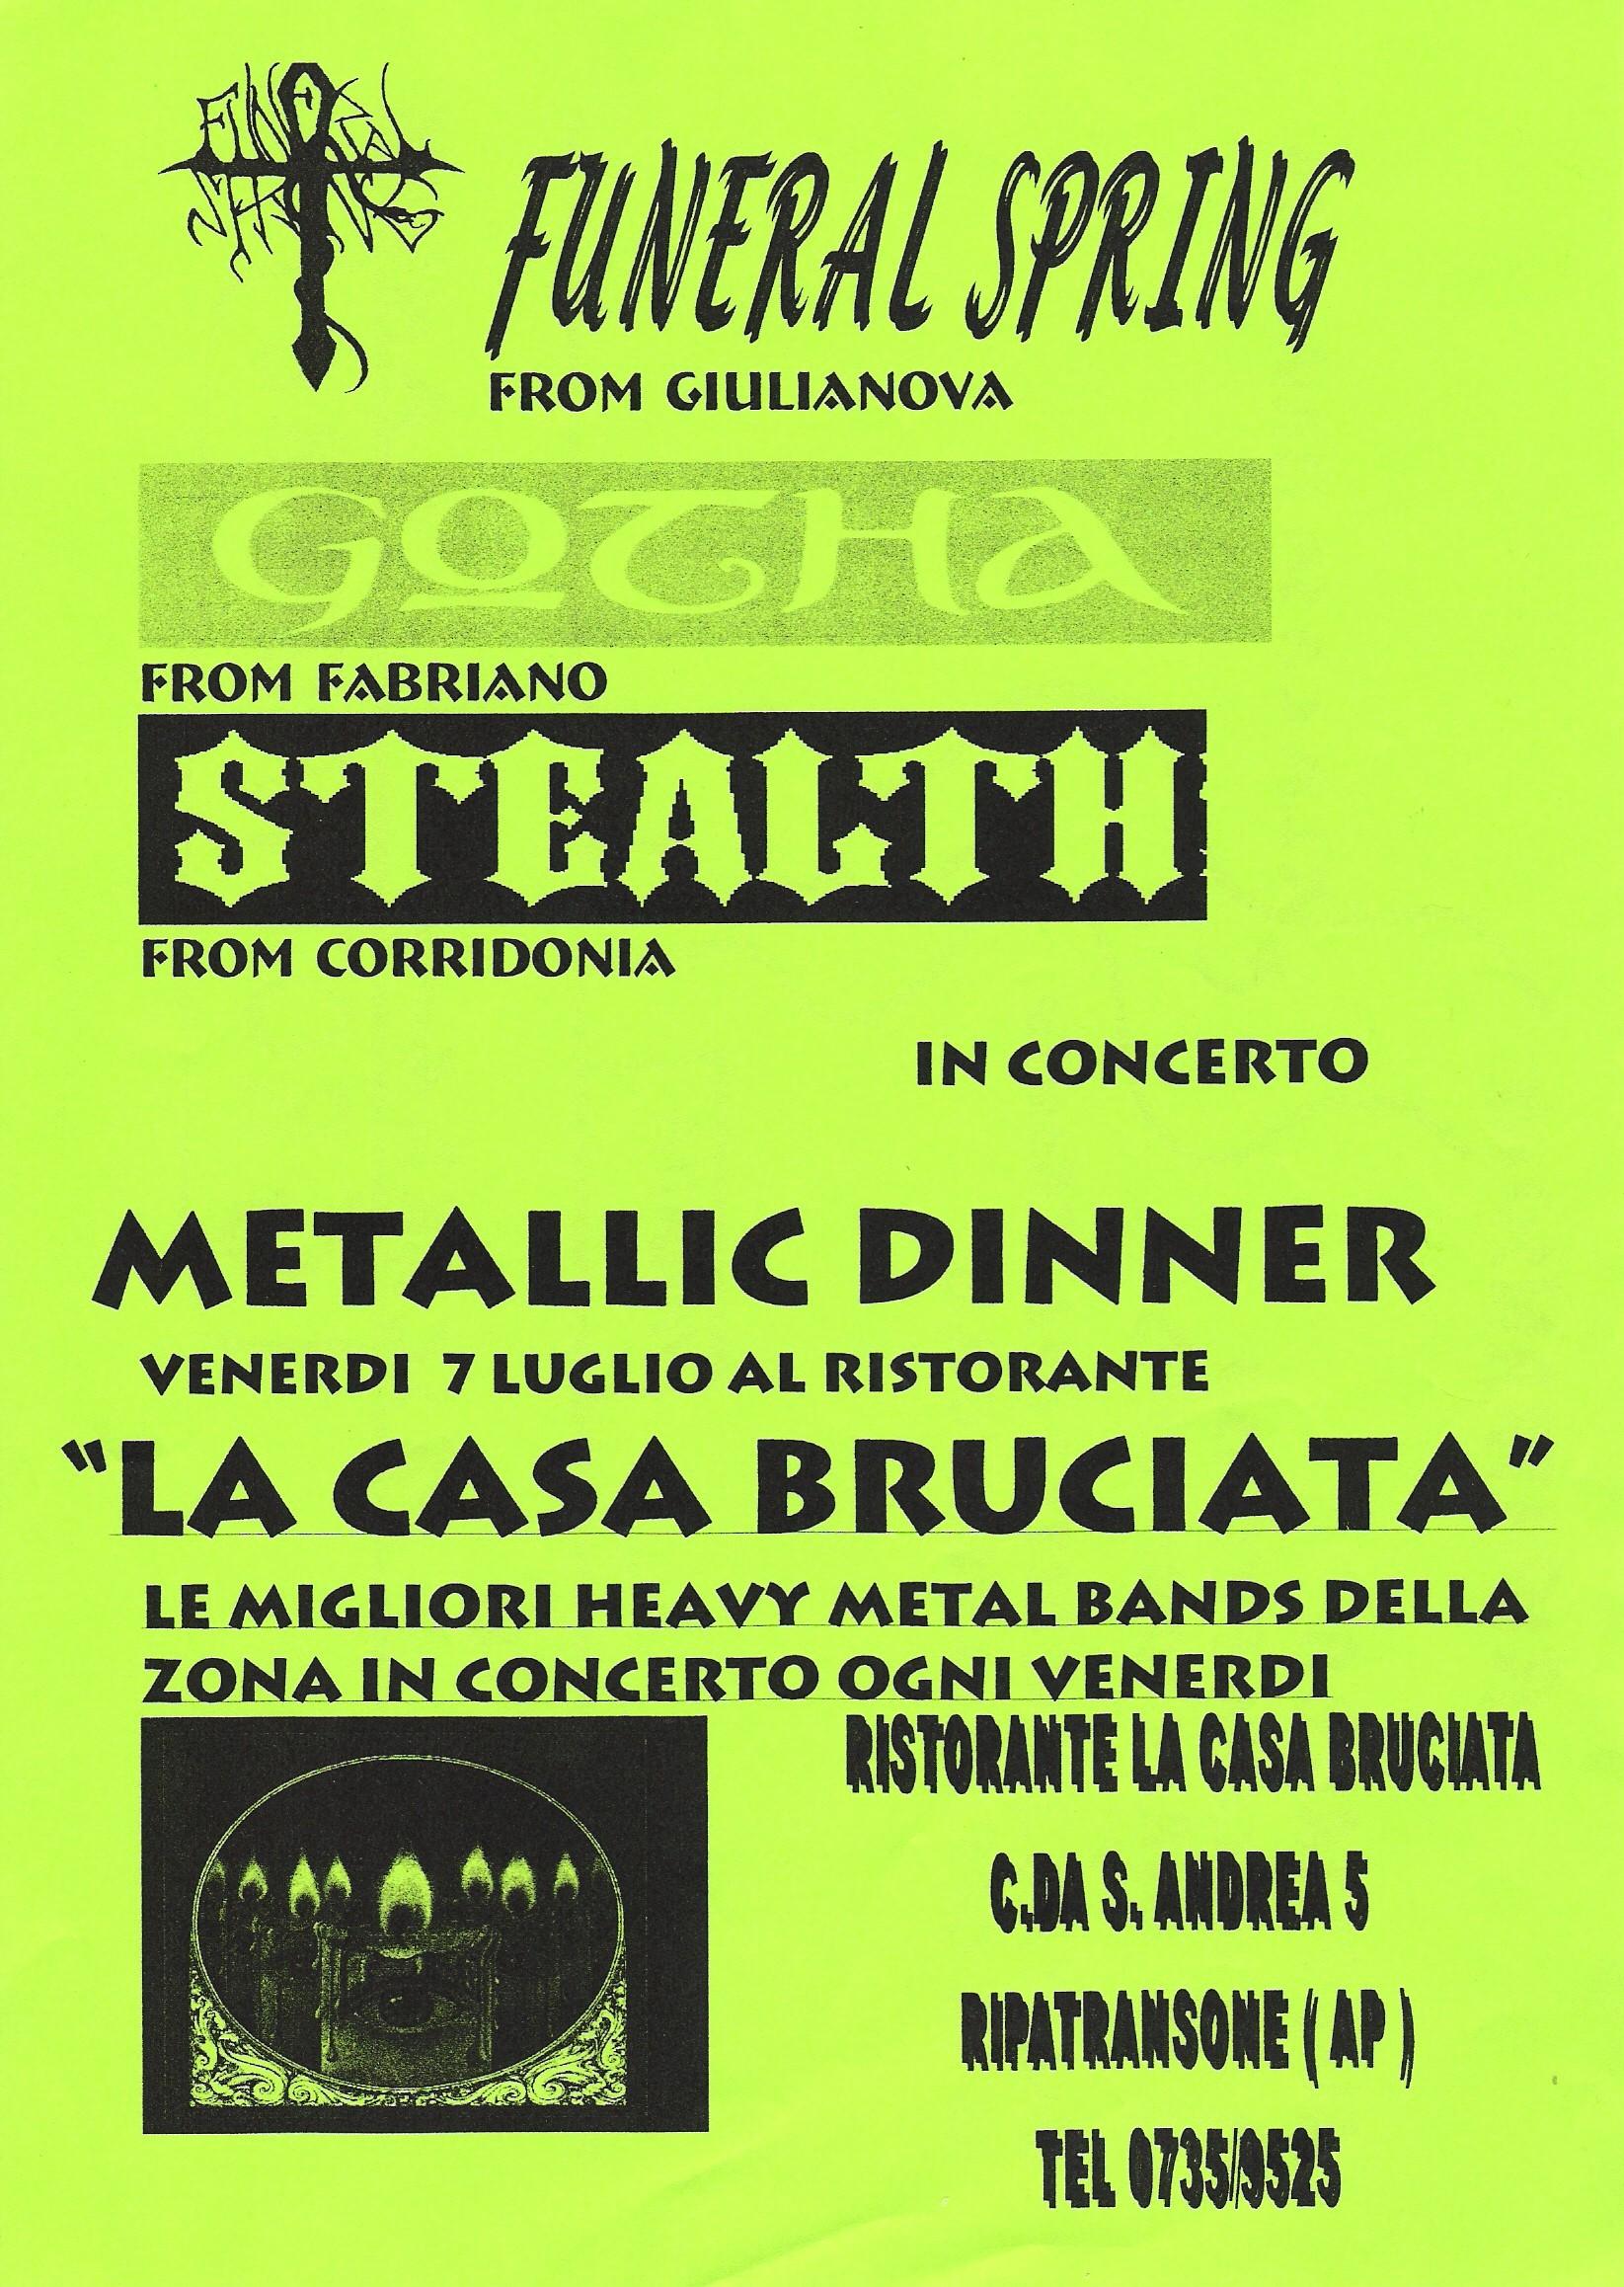 Live@Metallic Dinner, La Casa Bruciata, Marche, Italy, 7.7.2000